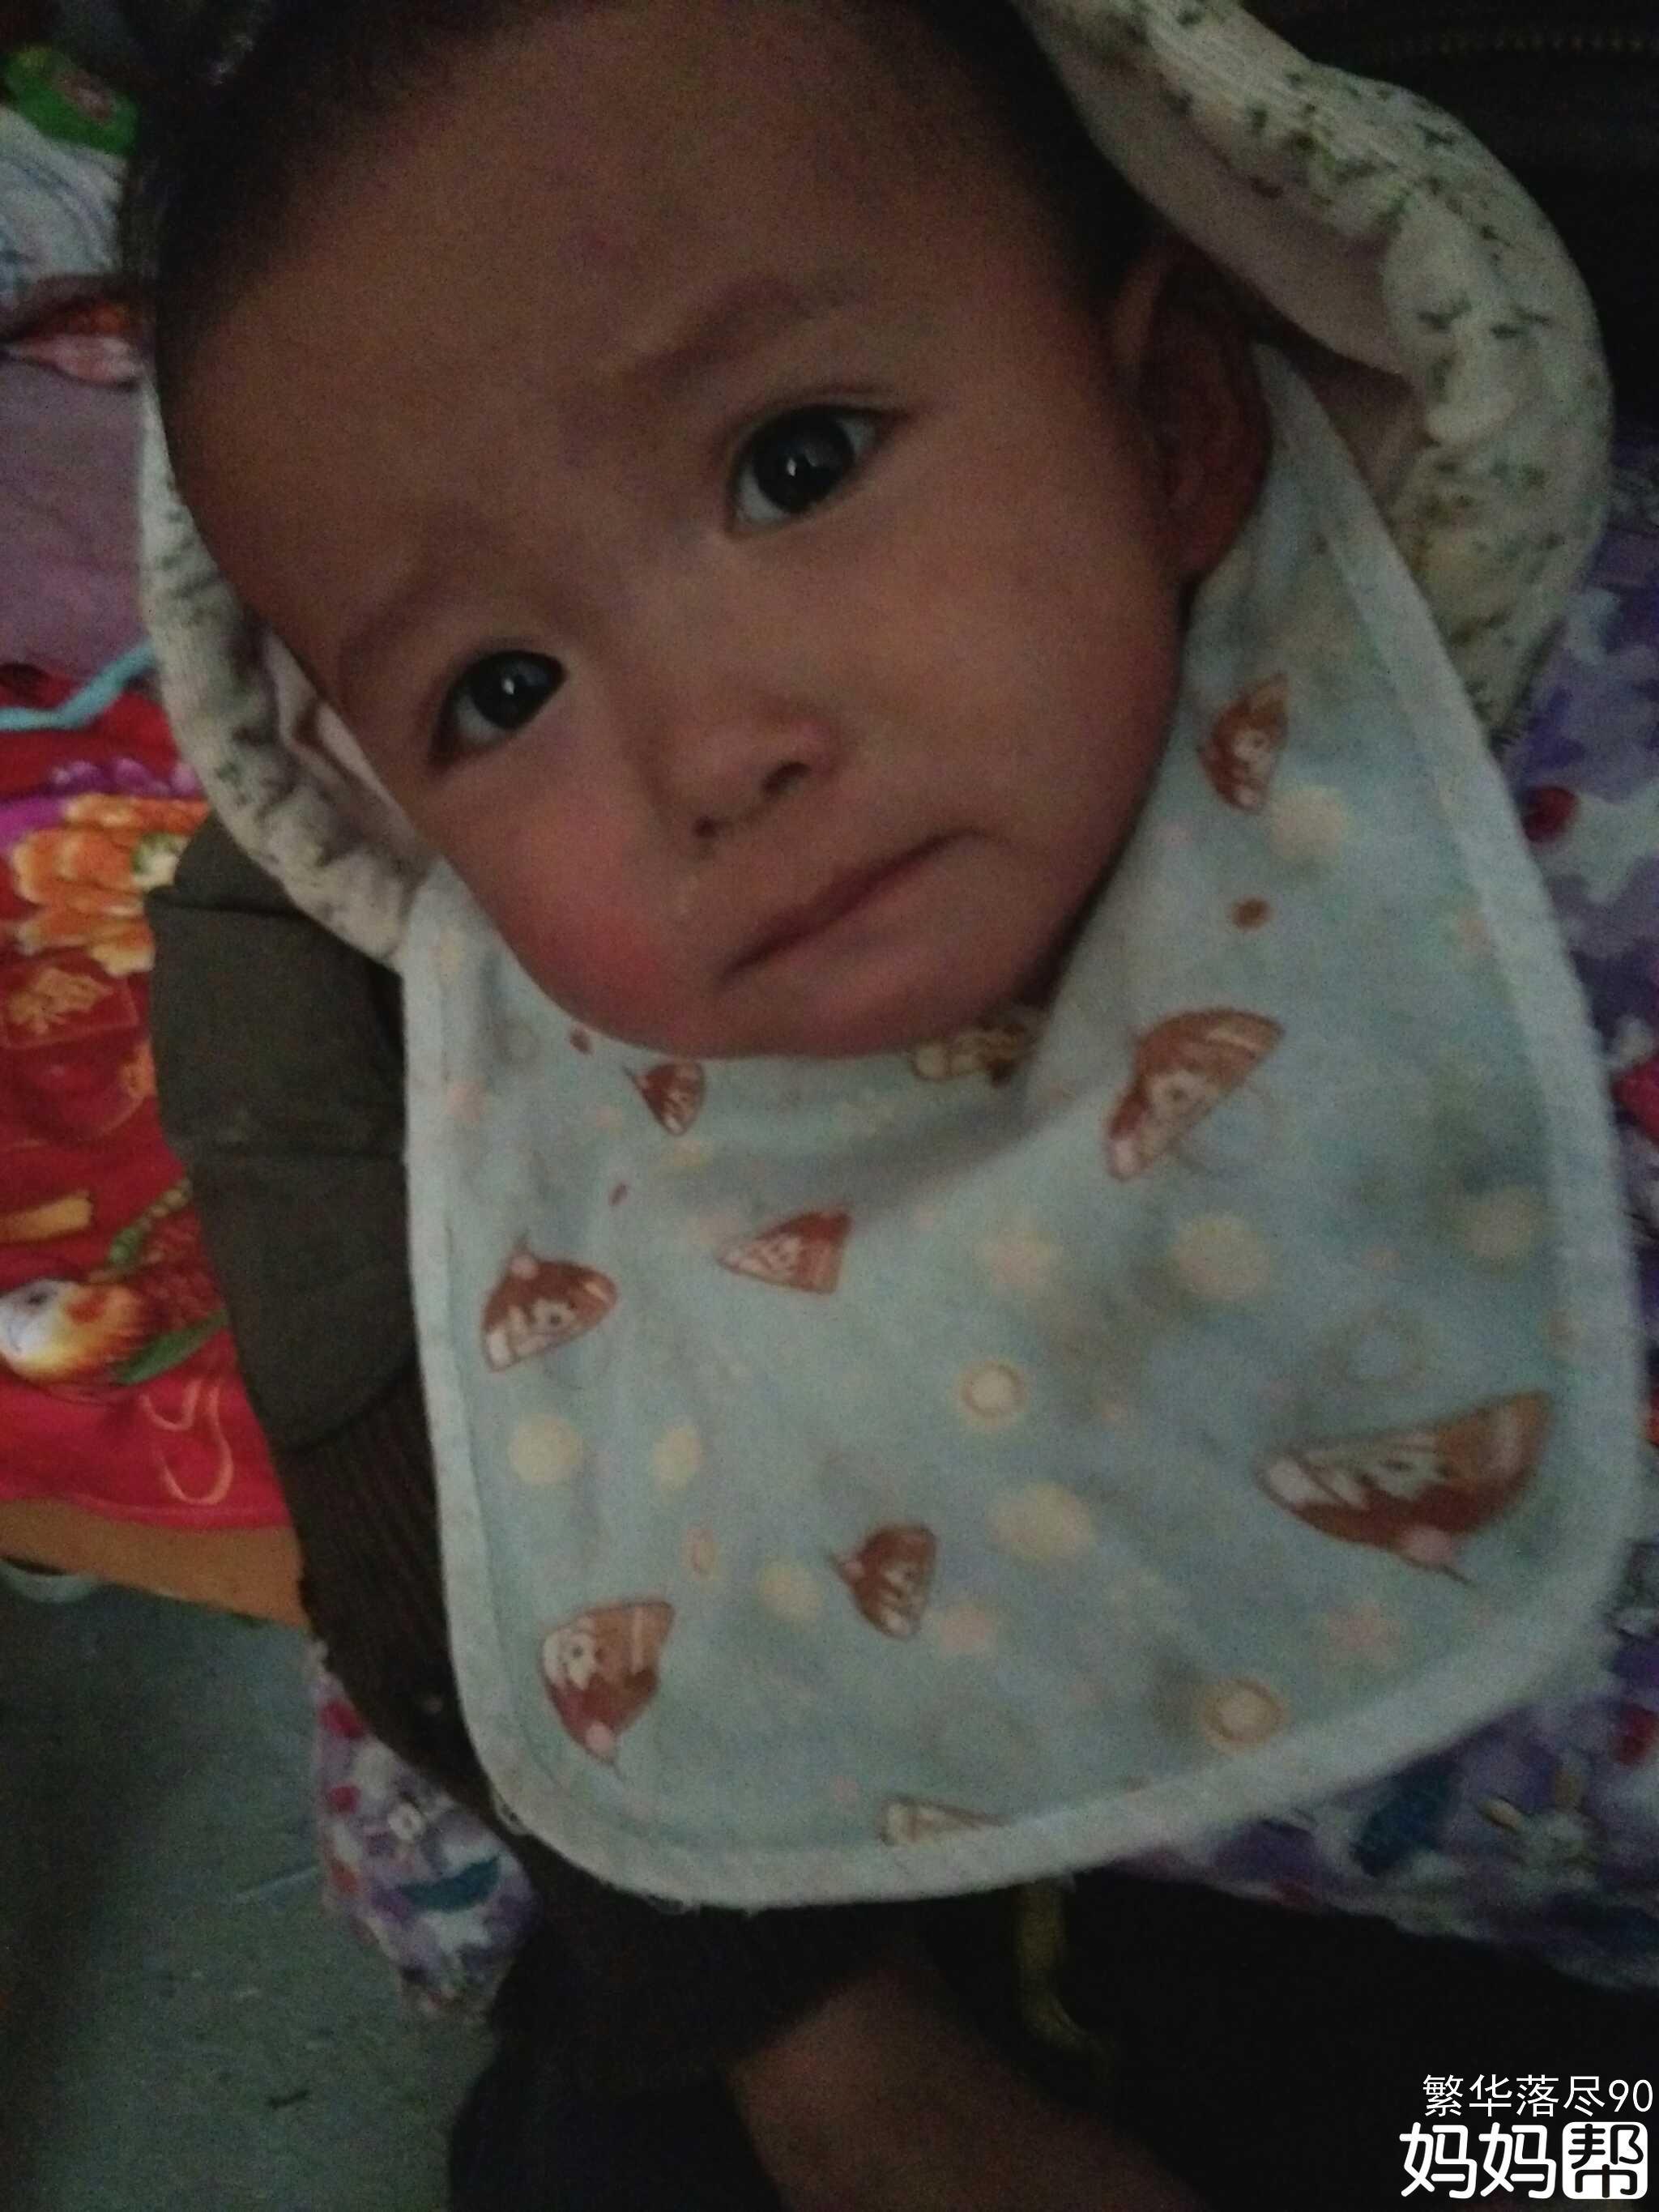 我家宝宝五个月了最近几天老是咳嗽吃了好多咳嗽的药也没有效果请问要怎么做